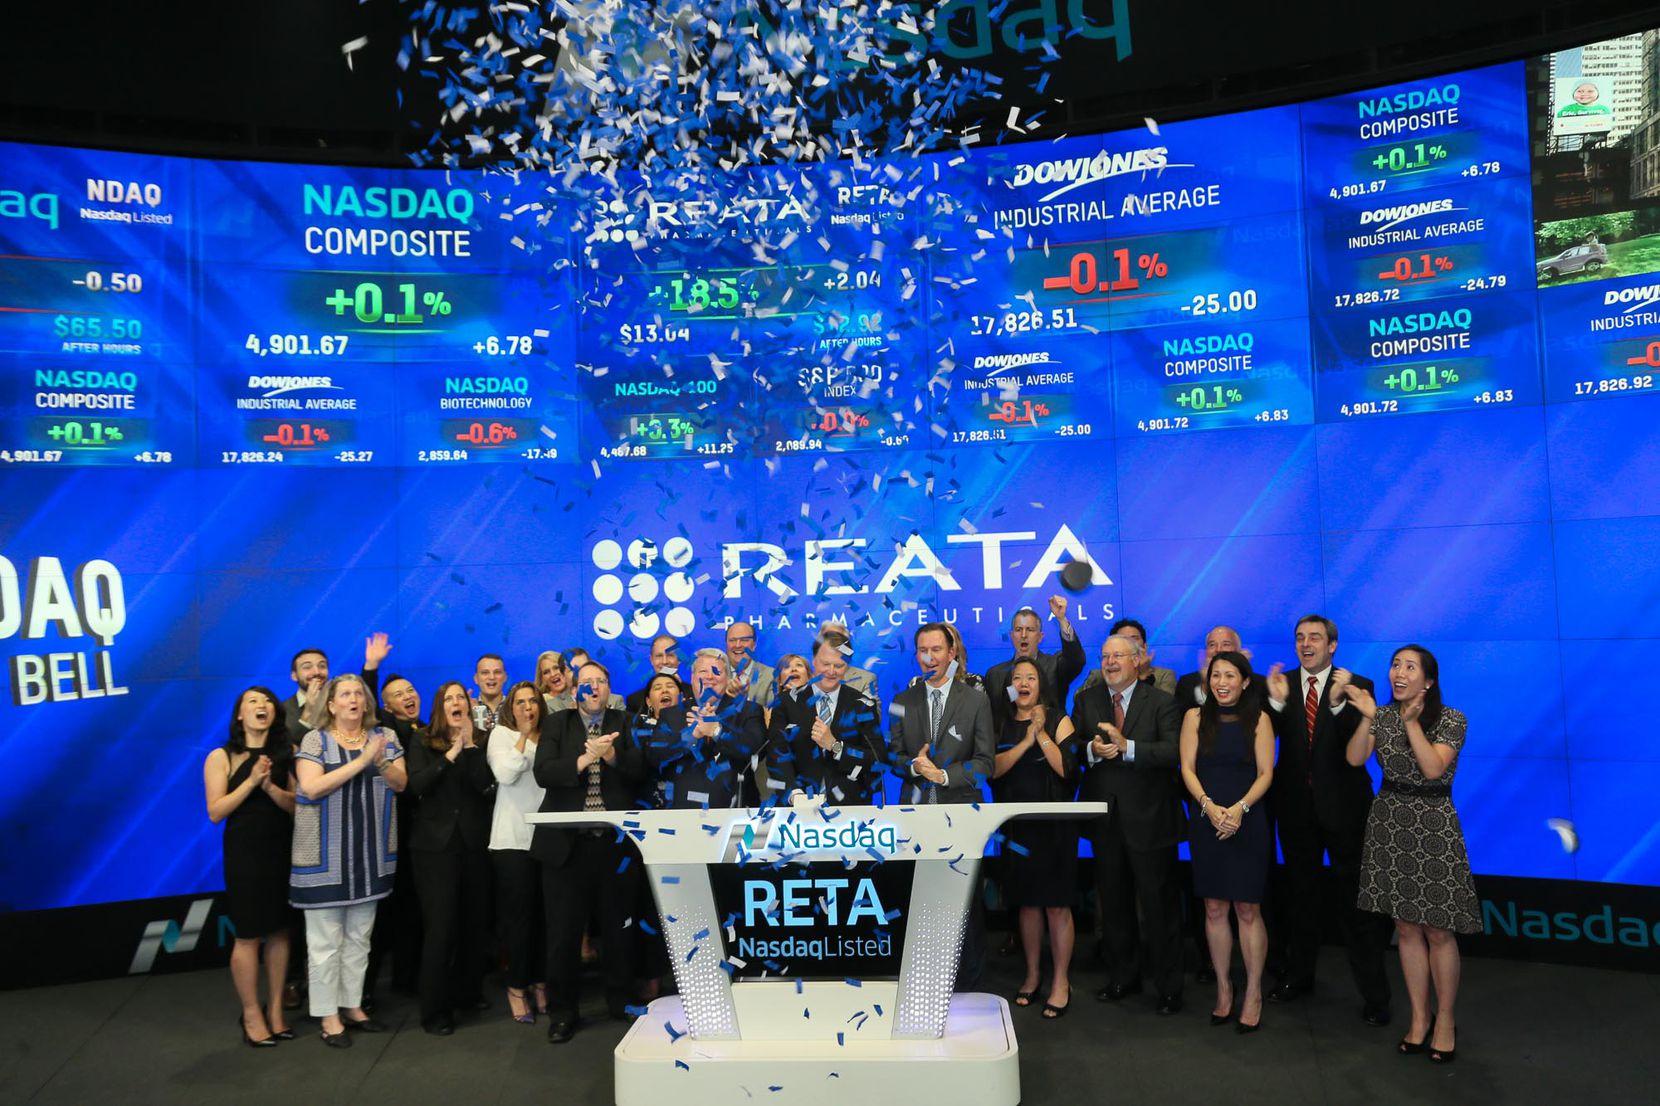 Reata Pharmaceuticals executives rang the bell at Nasdaq on May 26, 2016.